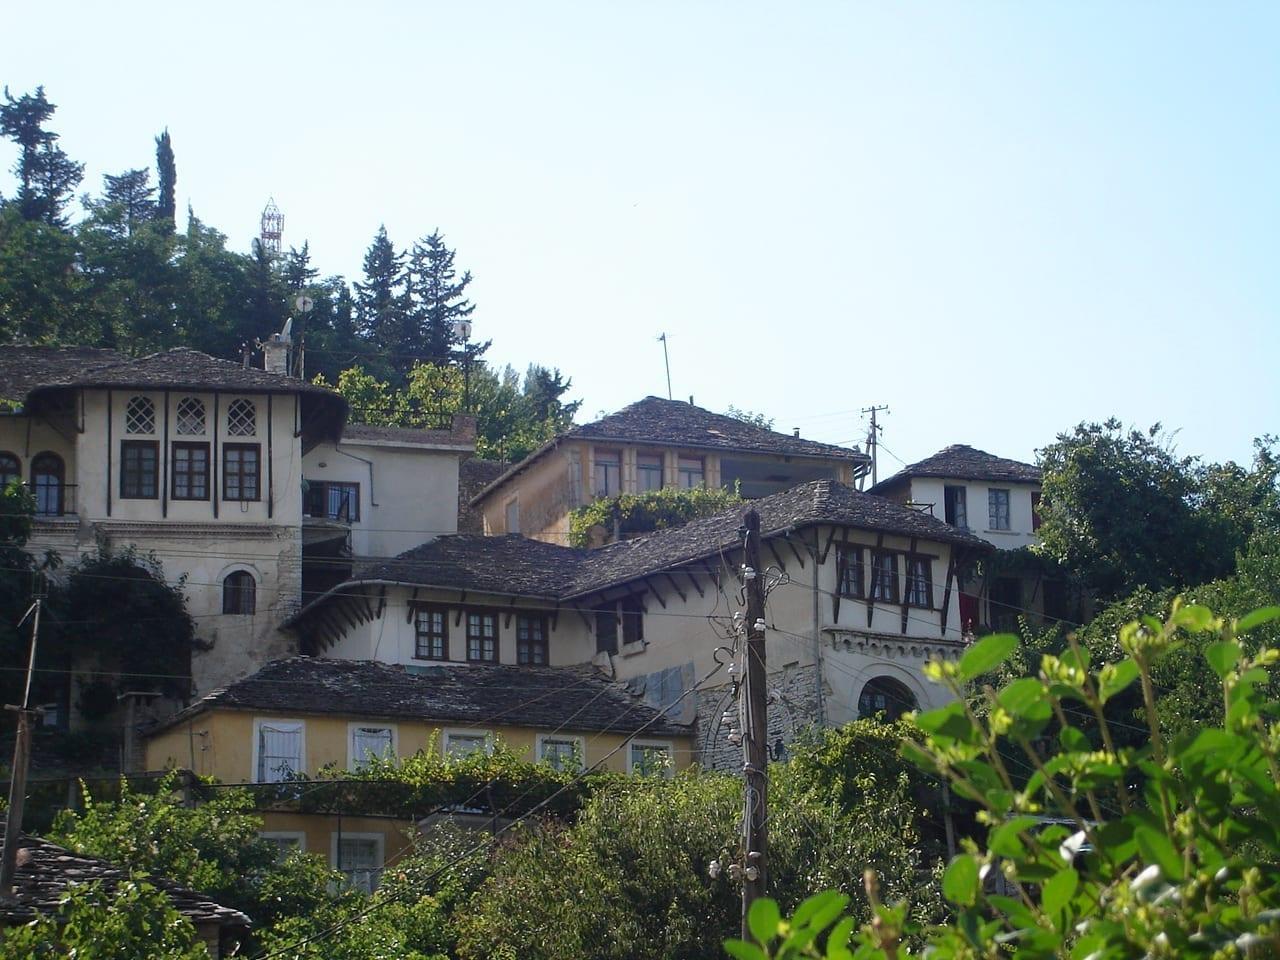 Un ejemplo de algunas de las viejas casas otomanas en Gjirokastër Gjirokastra Albania